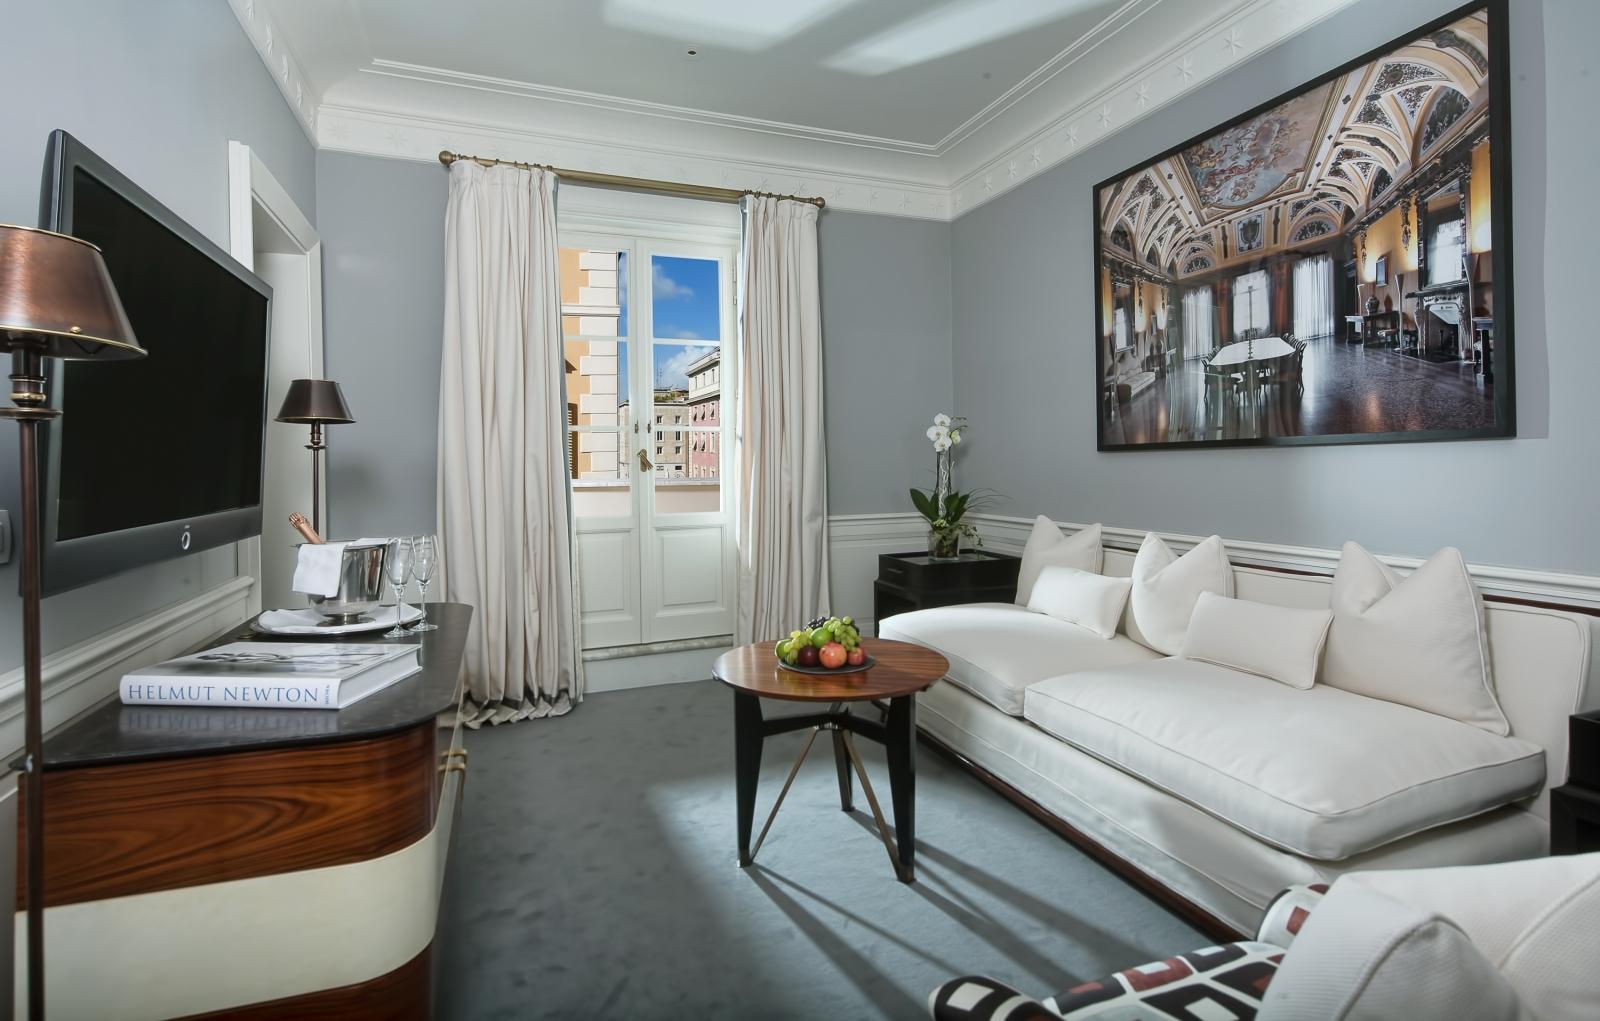 J.K. Place Roma, luna de miel en Roma, los mejores hoteles para luna de miel en Roma - Wedding Hub - 014